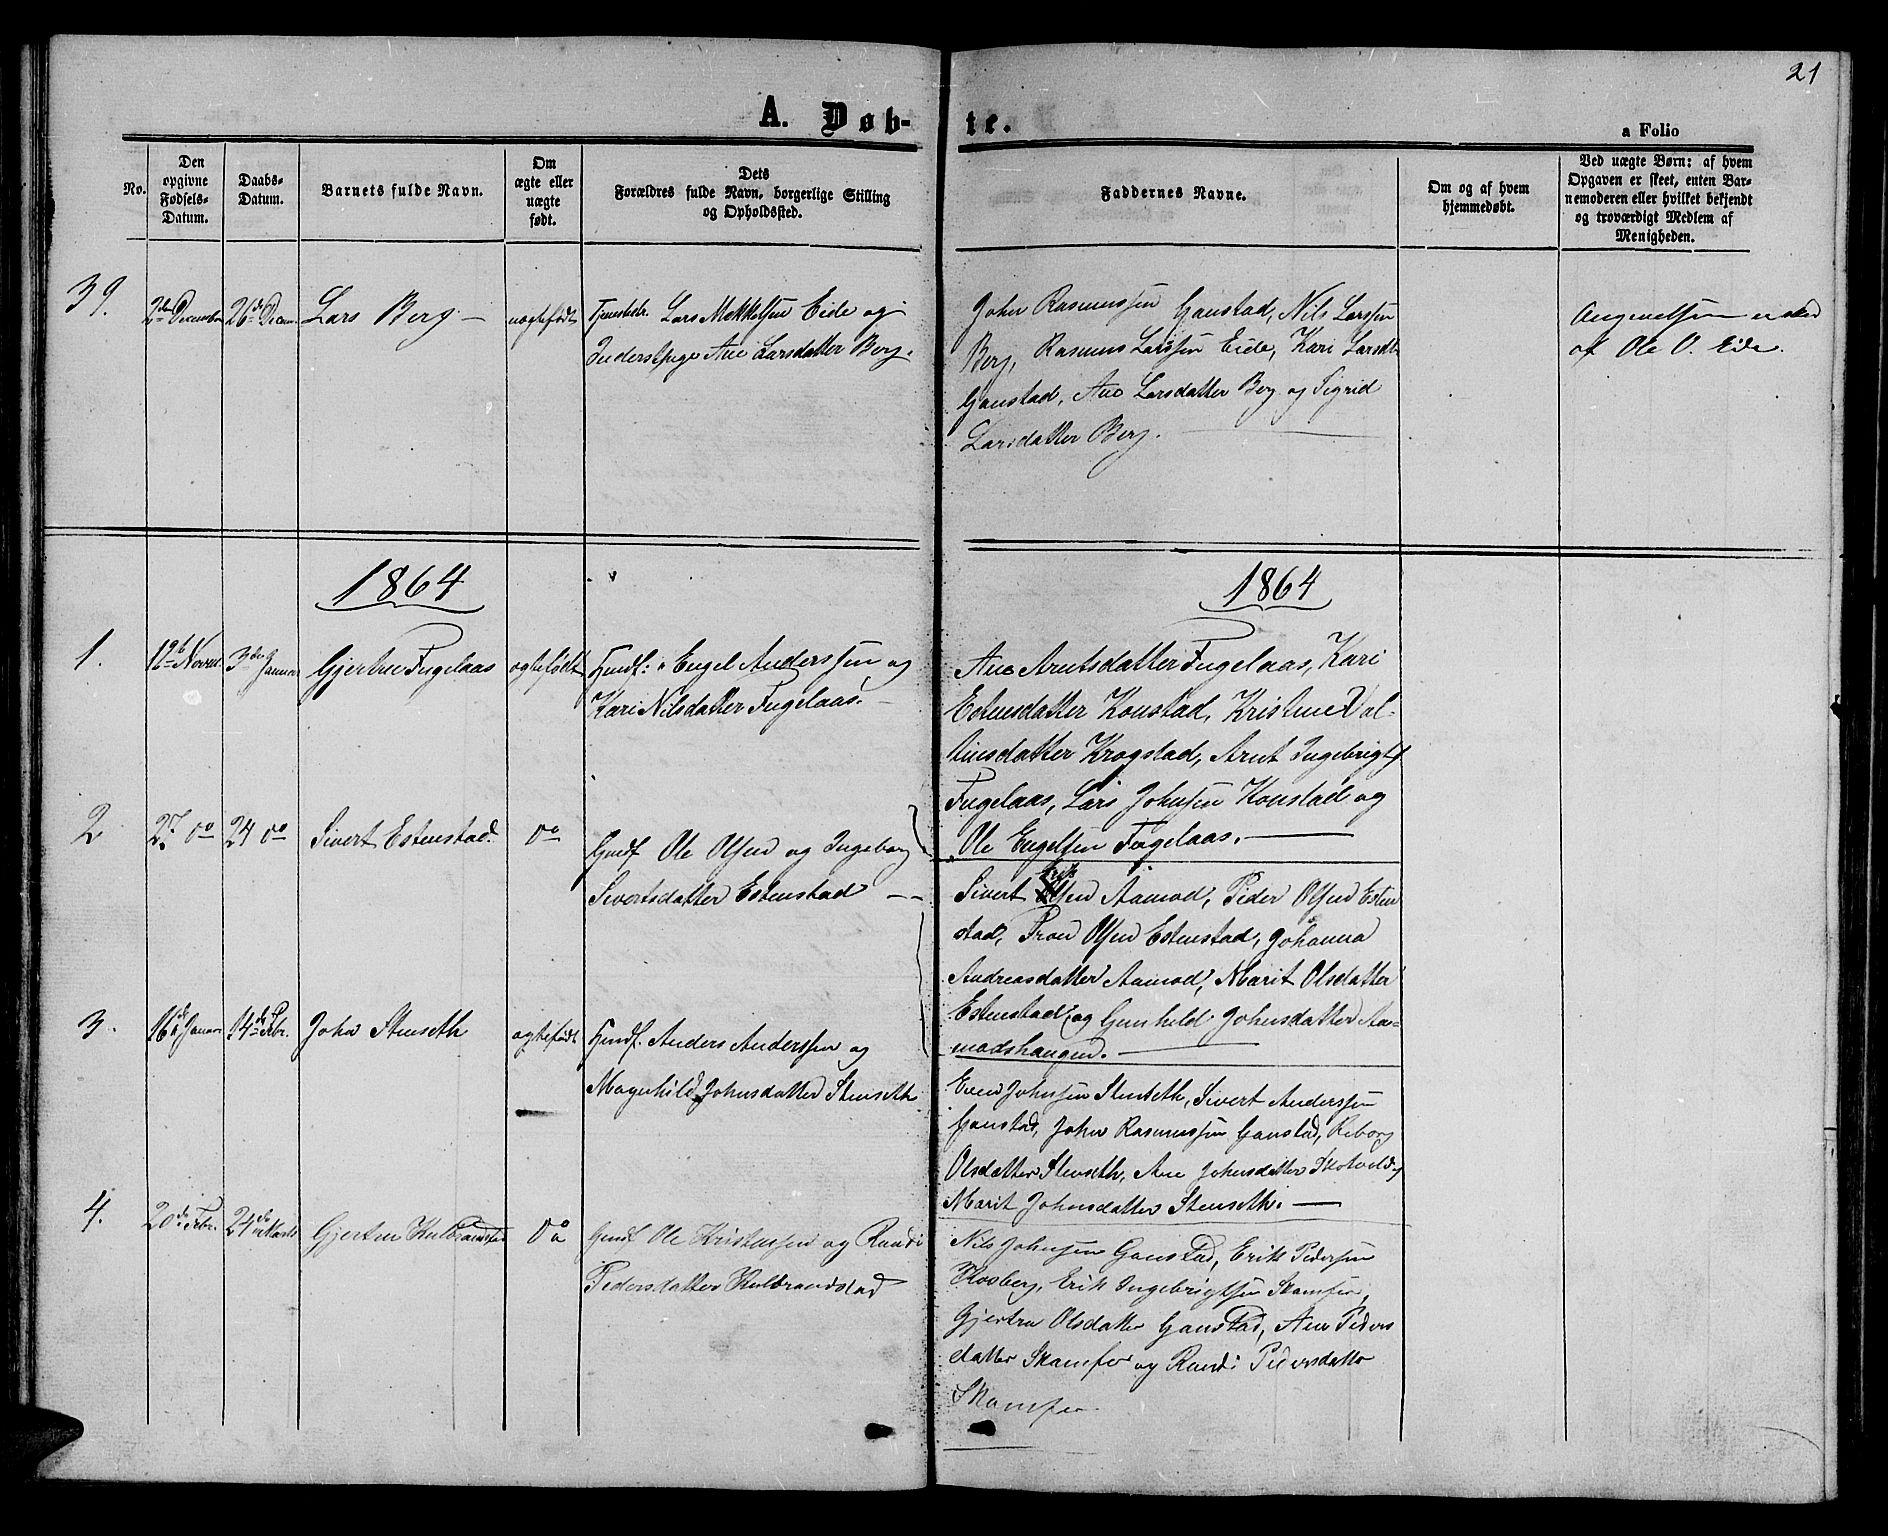 SAT, Ministerialprotokoller, klokkerbøker og fødselsregistre - Sør-Trøndelag, 694/L1131: Klokkerbok nr. 694C03, 1858-1886, s. 21